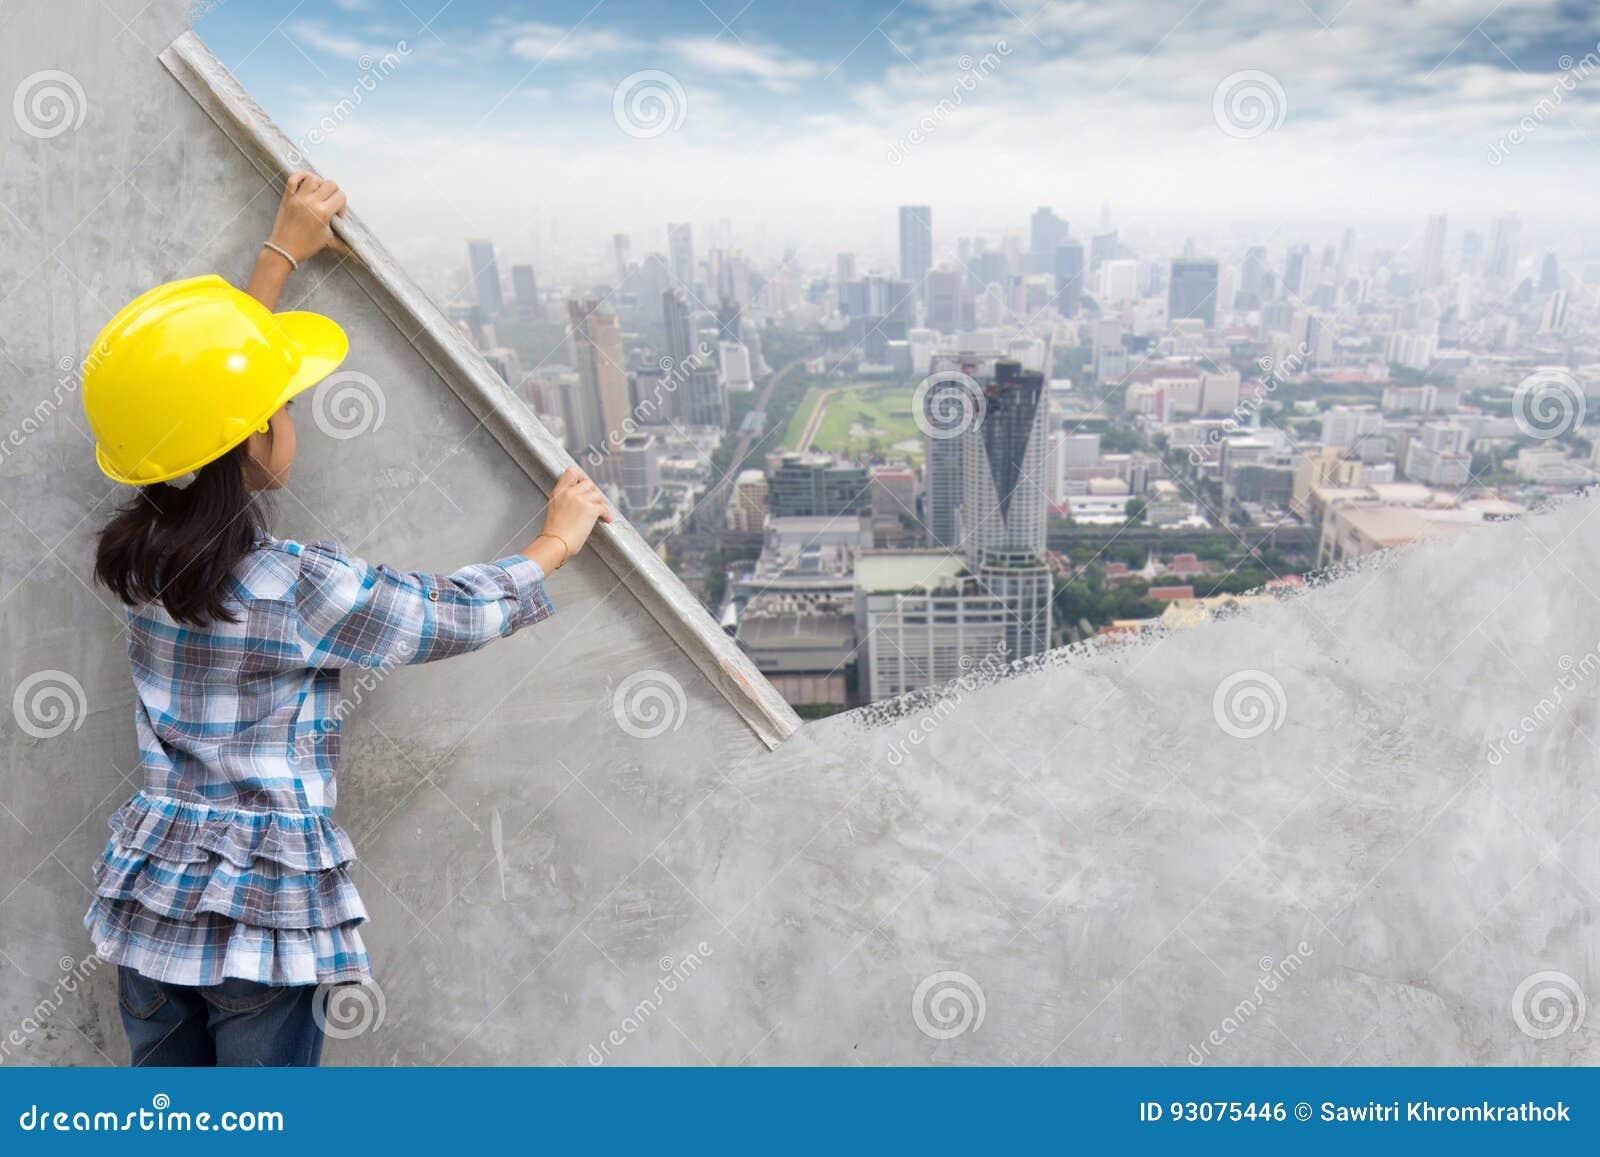 举行涂灰泥的小女孩工程学用工具加工在墙壁上的绘画摩天大楼